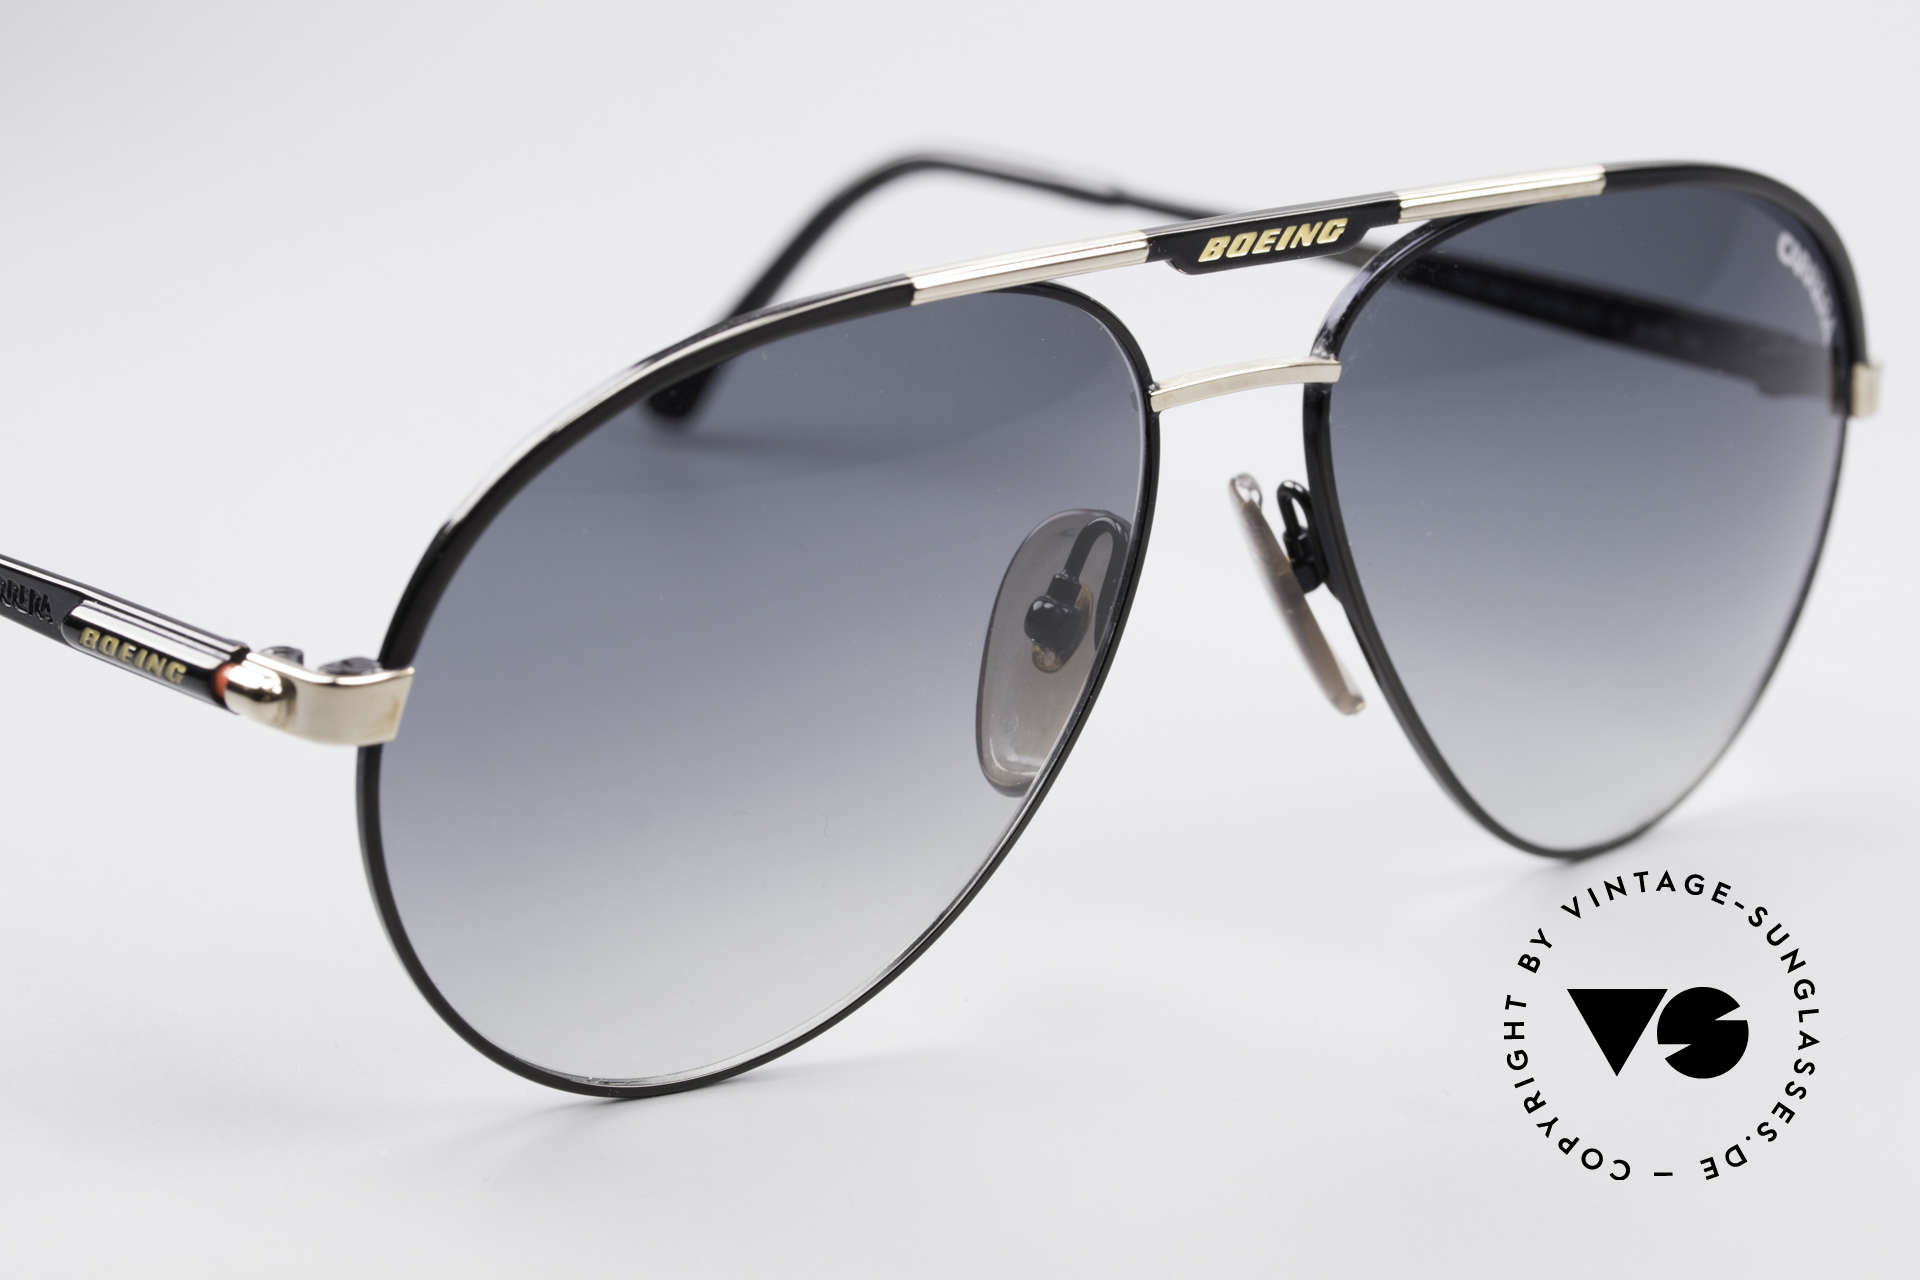 Boeing 5733 Vintage Pilotensonnenbrille, ungetragen (wie alle unsere vintage BOEING Brillen), Passend für Herren